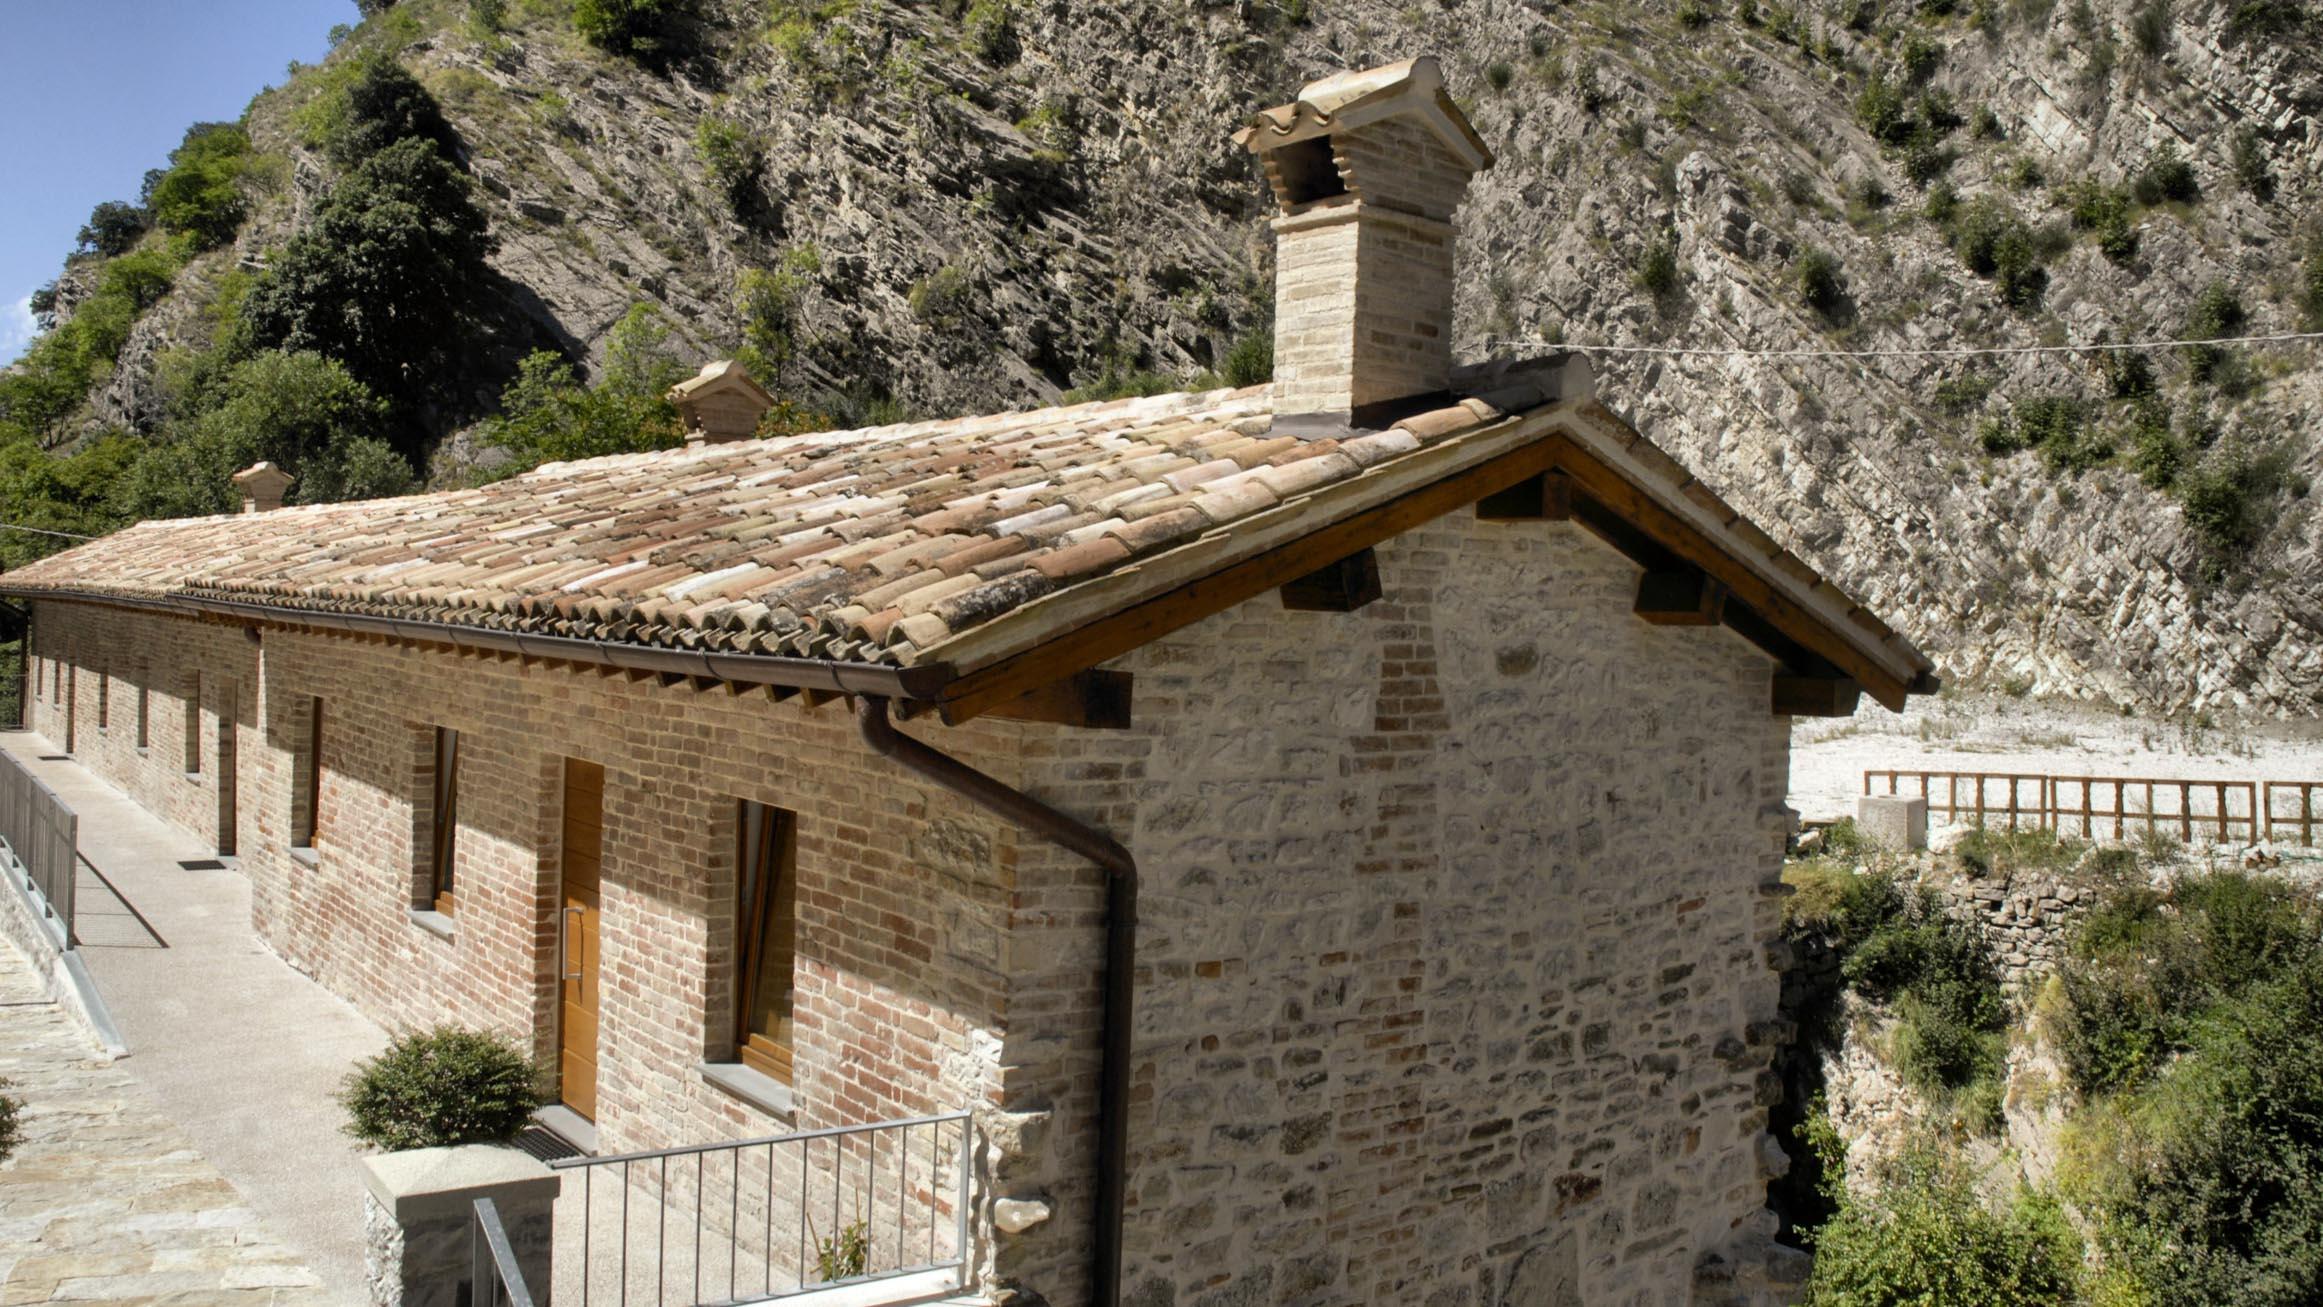 Agriturismo Molino Sette Camini - Vista laterale esterna struttura